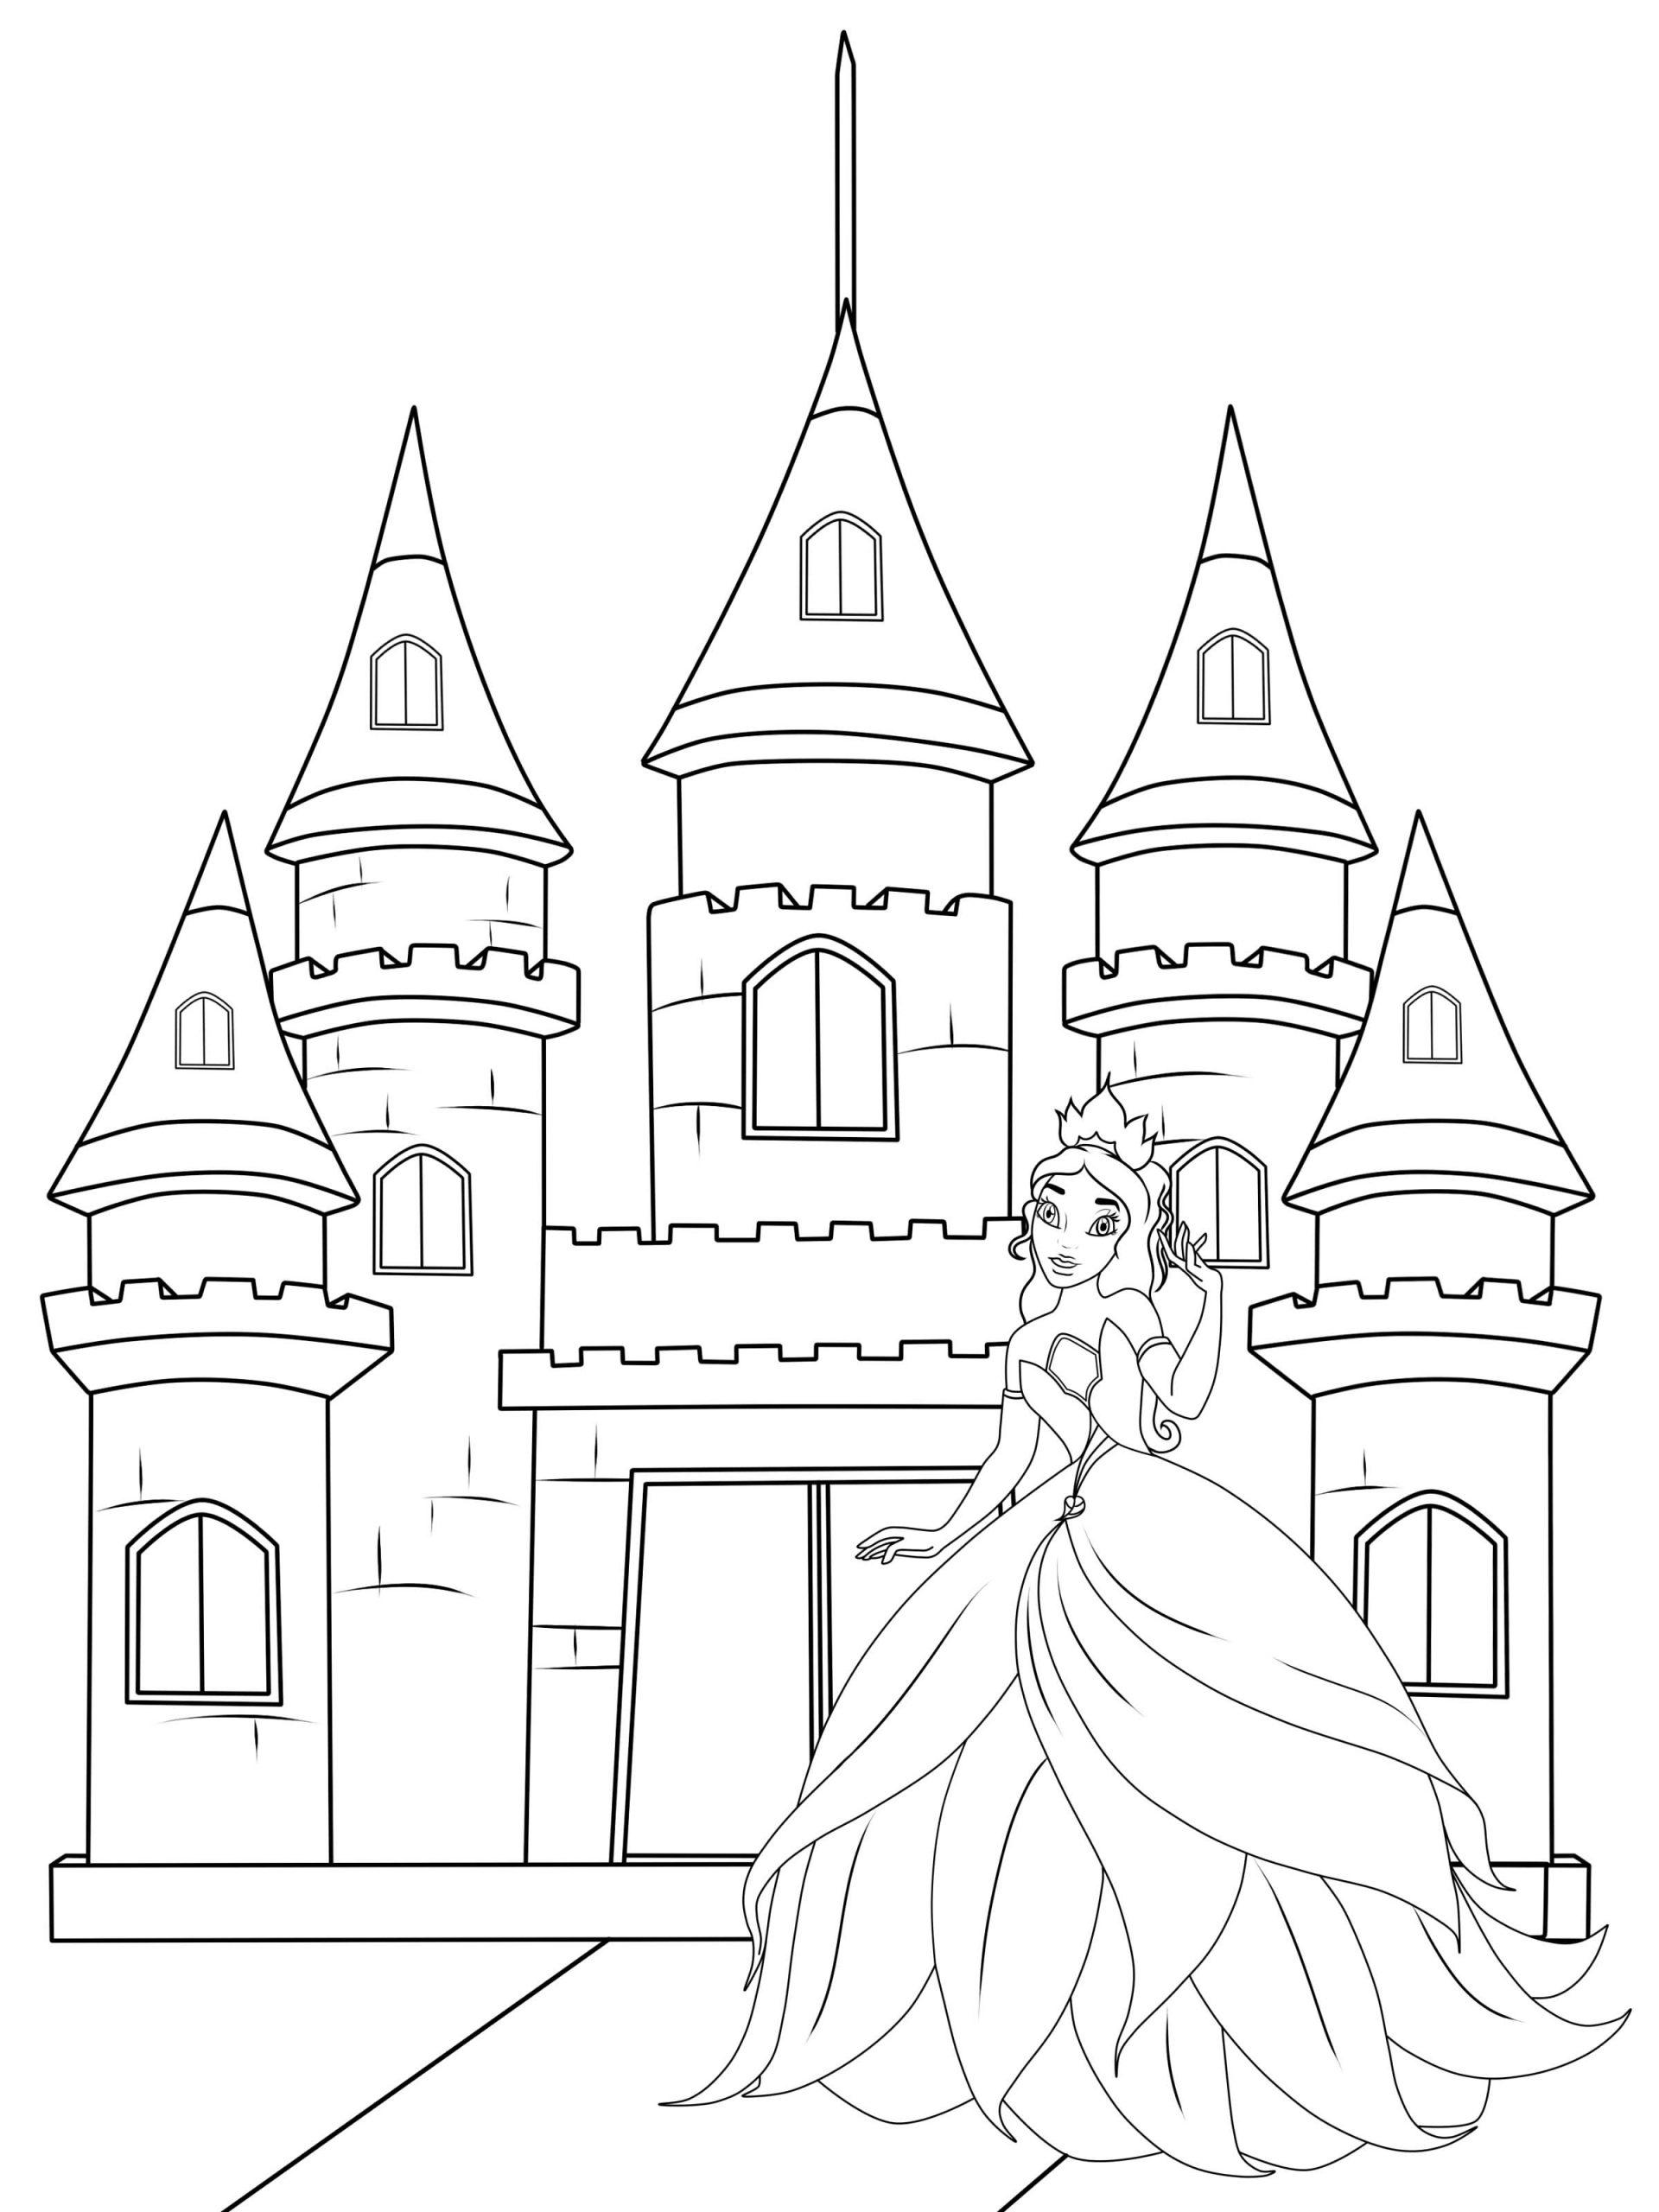 Coloriage À Imprimer : Le Château De La Princesse destiné Chateau De Princesse Dessin